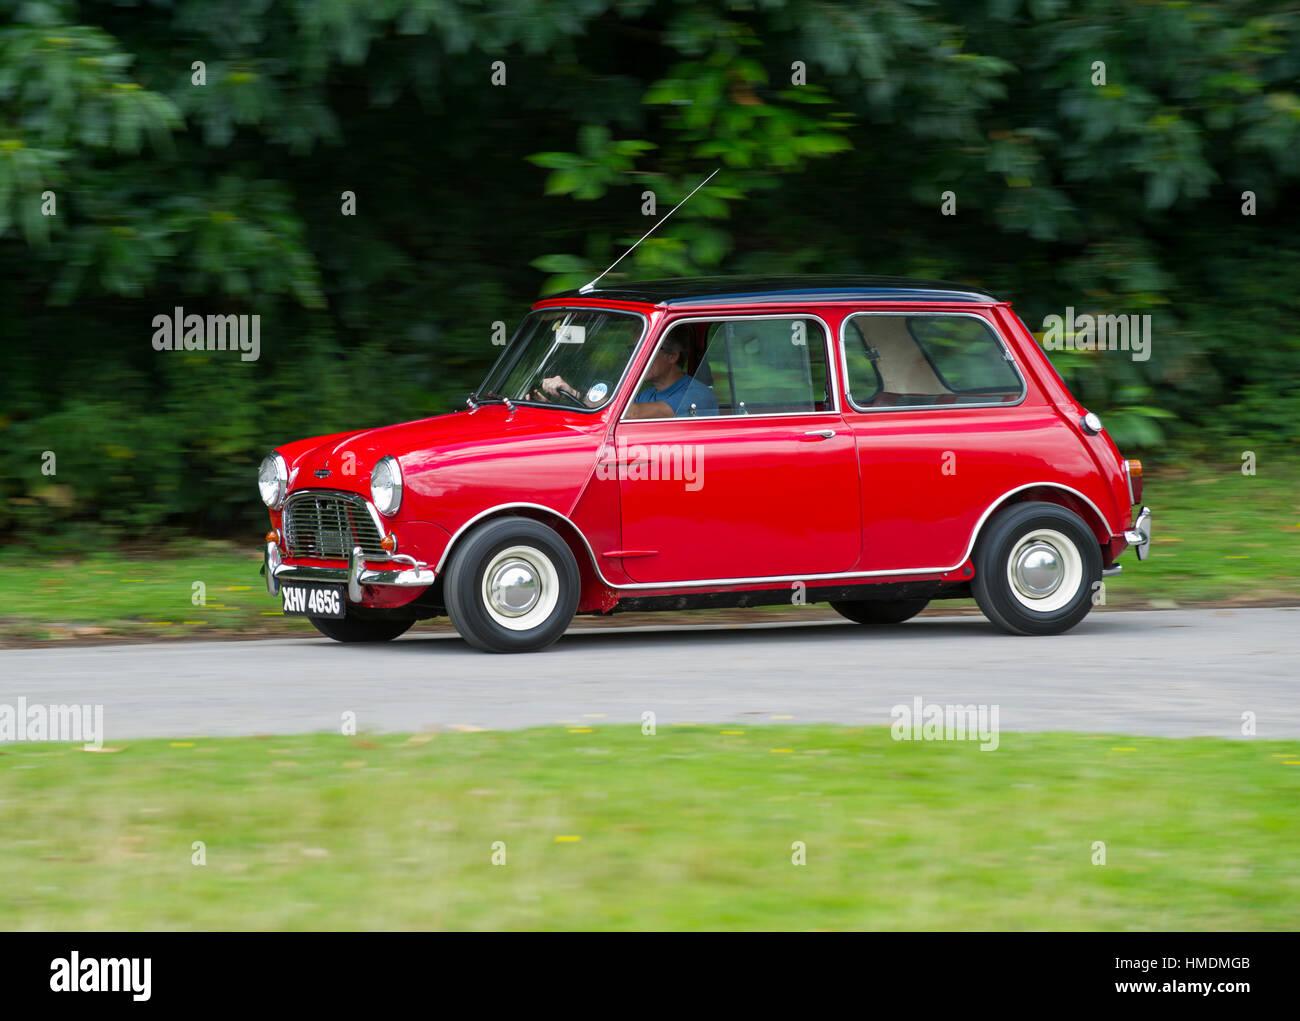 Mini 1968 mini cooper : 1968 Mini Cooper S classic compact British sports car Stock Photo ...